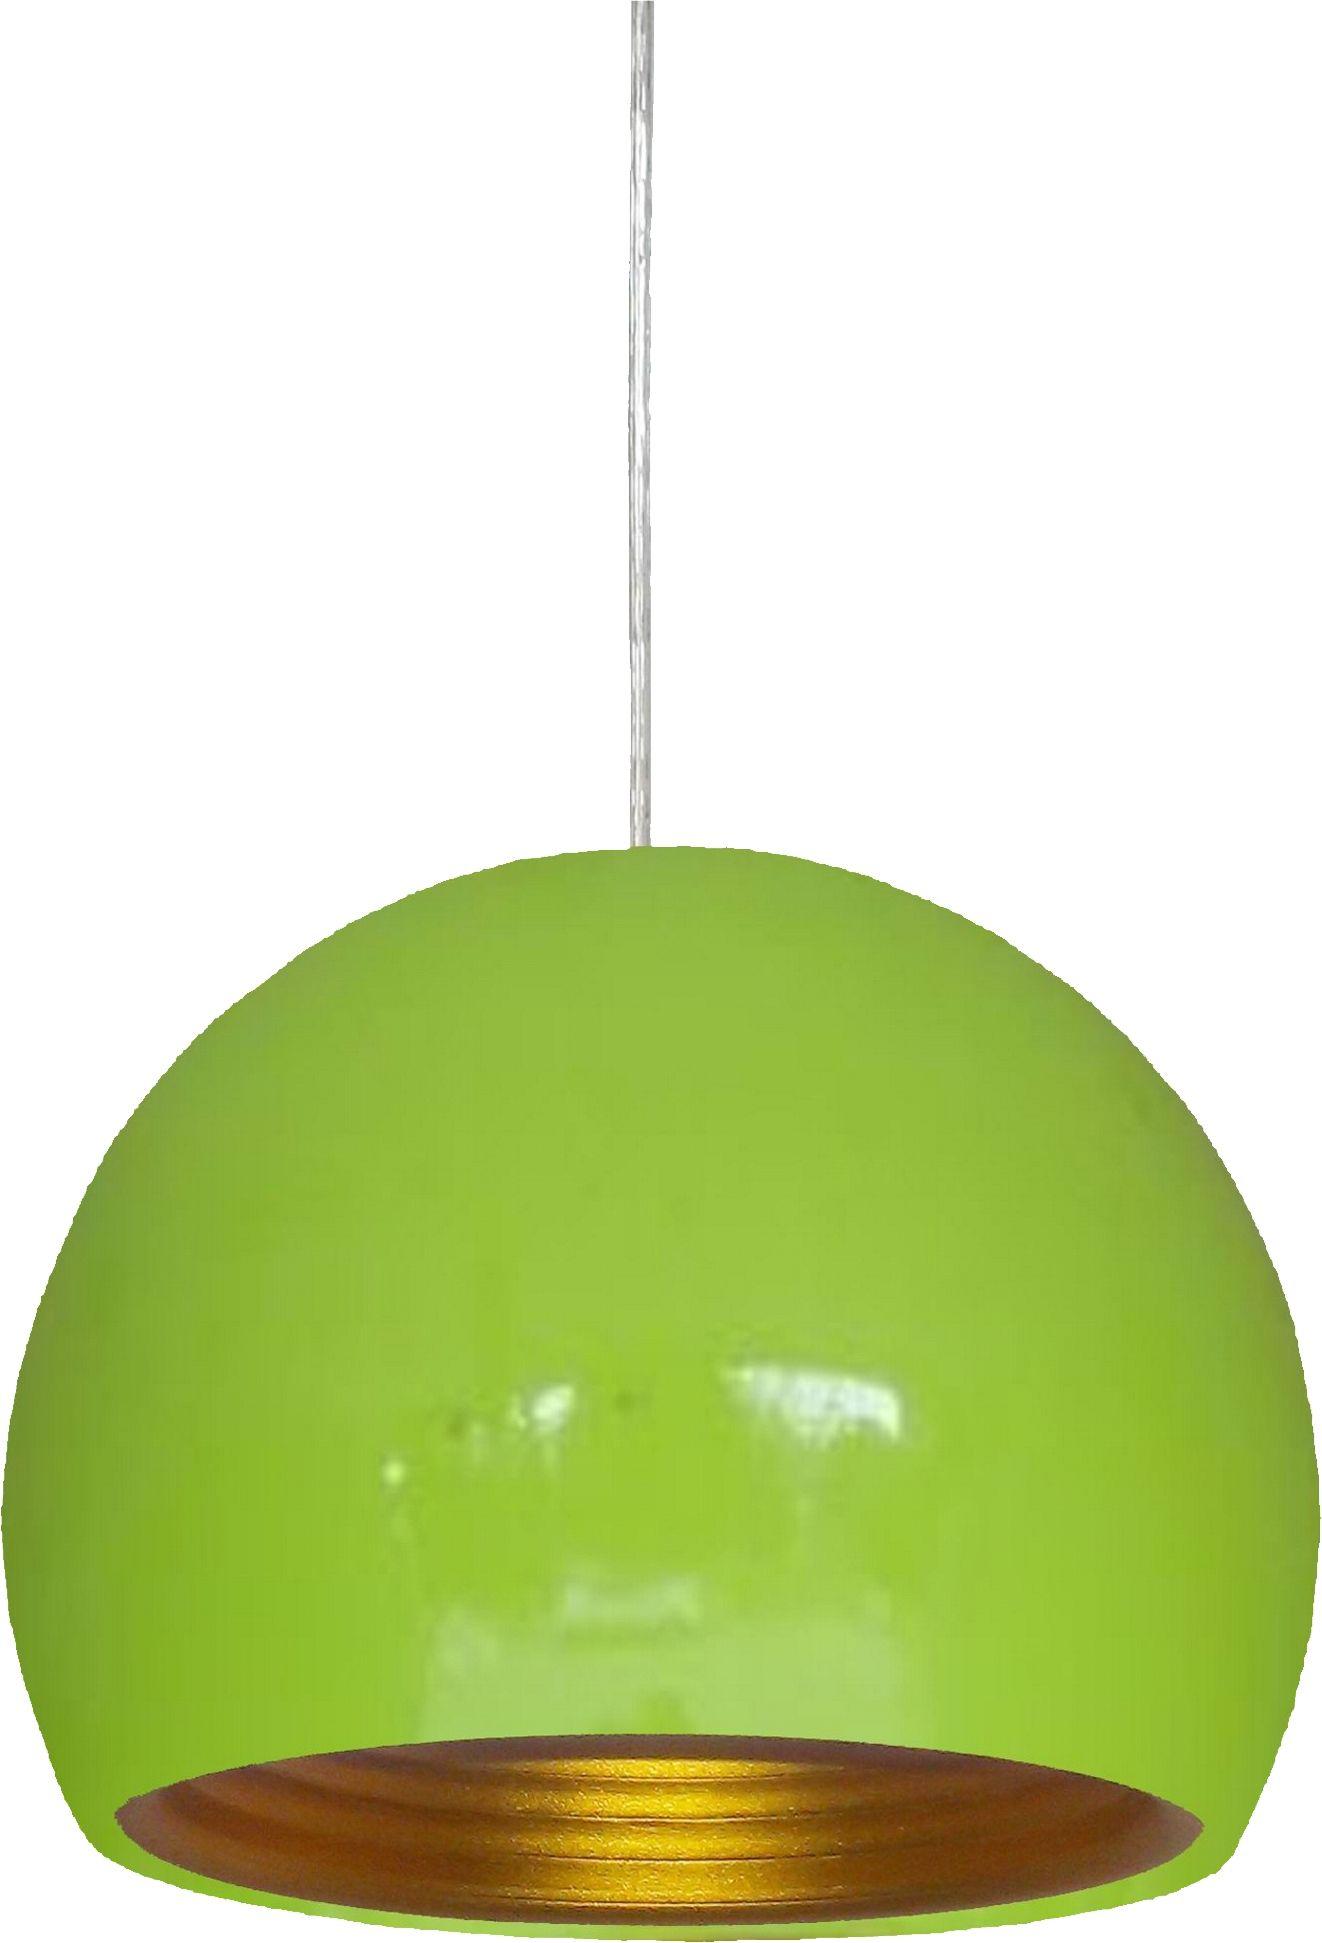 Candellux PICTOR 31-15136 lampa wisząca 1X60W E27 zielony metalowy półkulisty klosz z odbłyśnikiem 25 cm